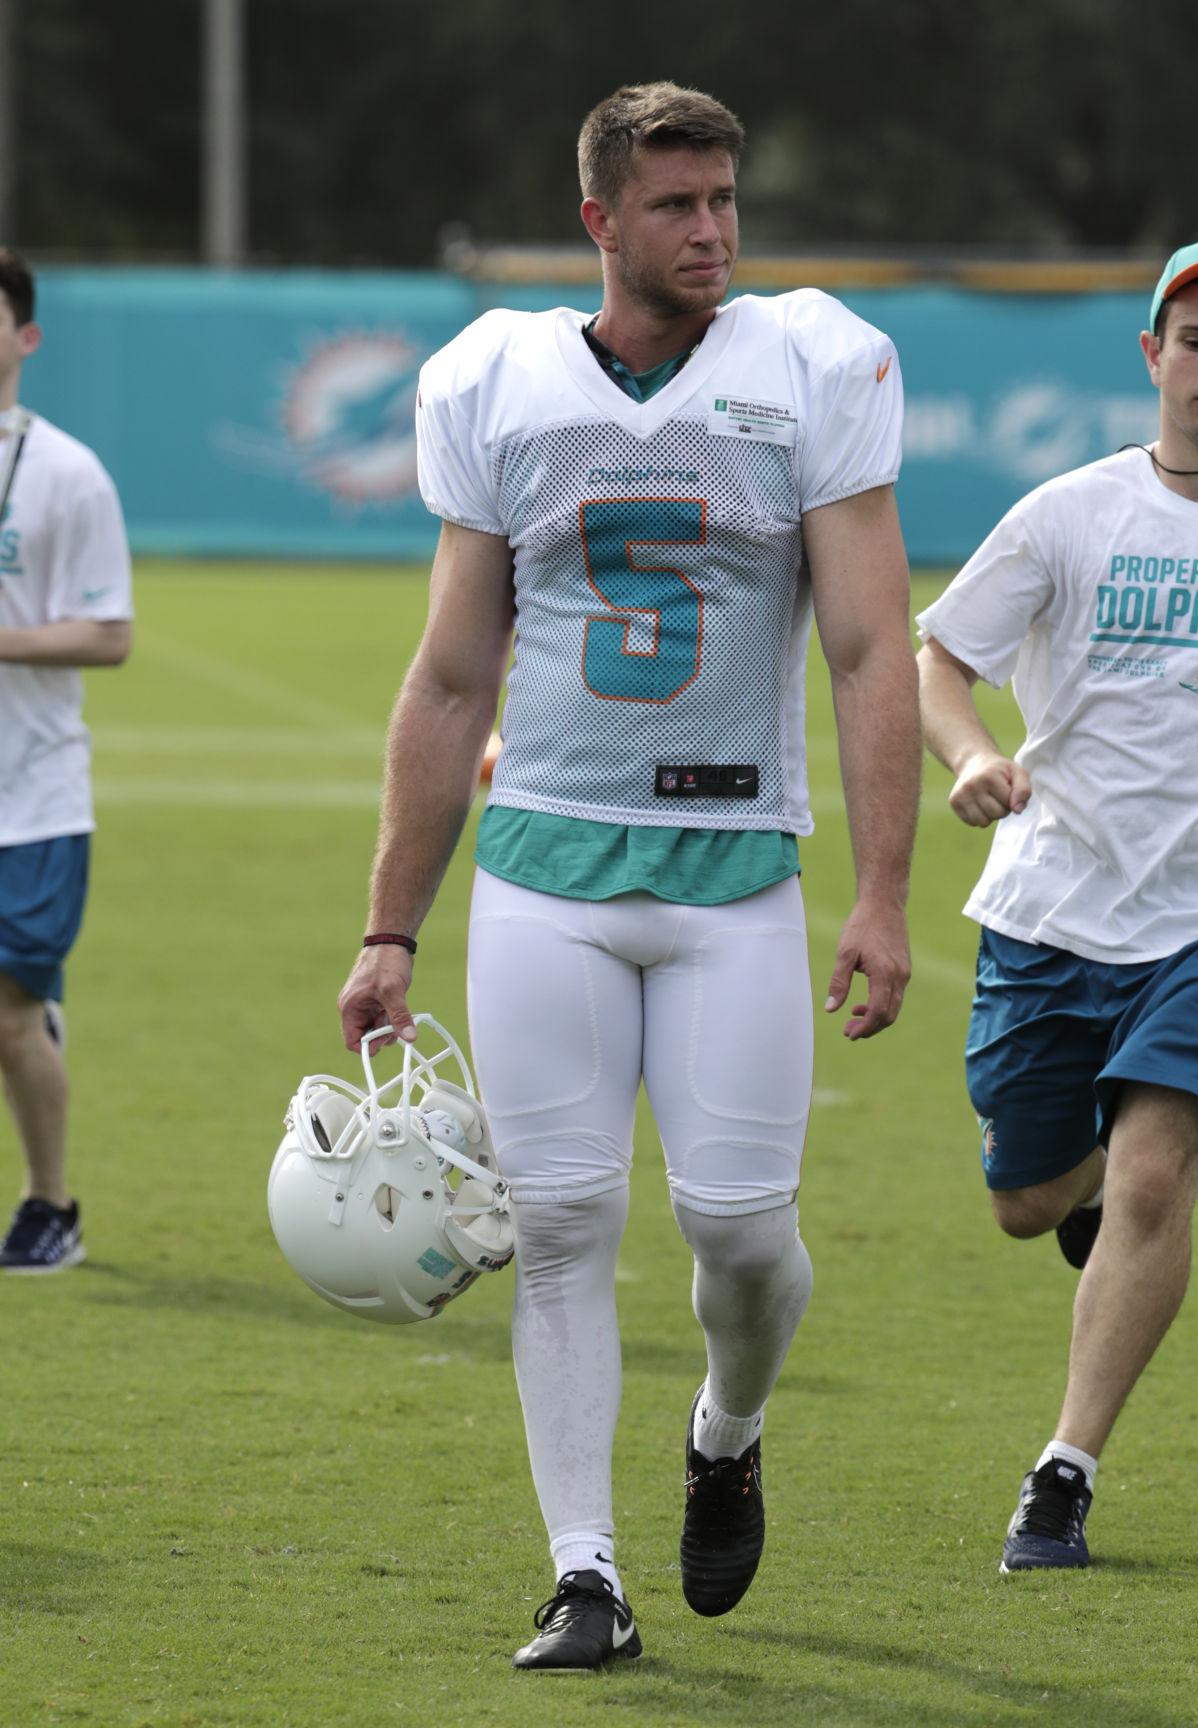 Dolphin kicker 5